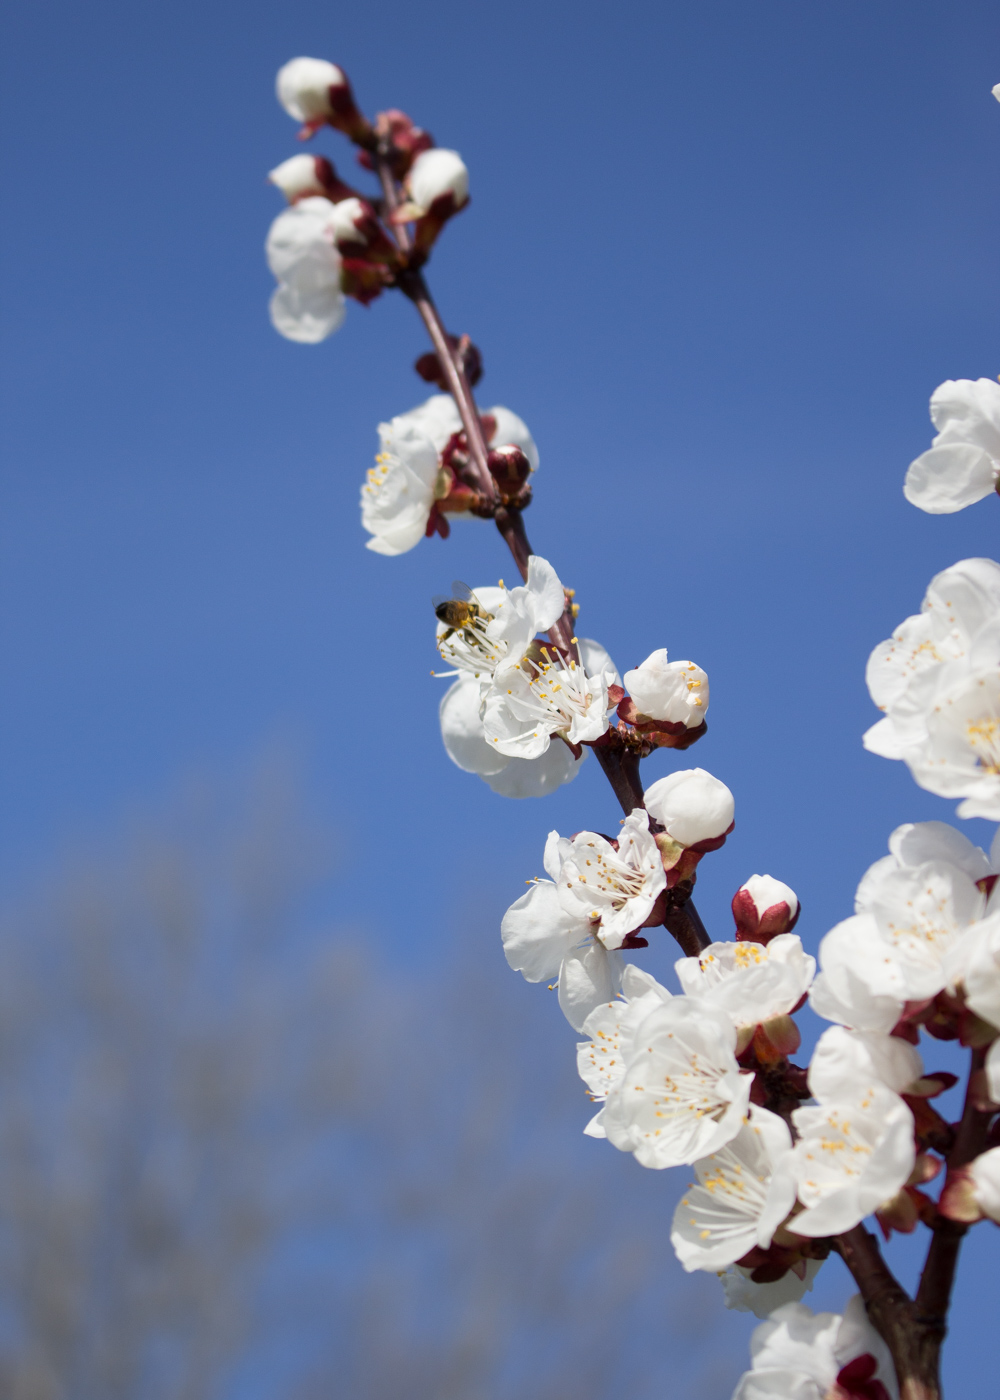 I fiori del ciliegio - Lily&Sage Design